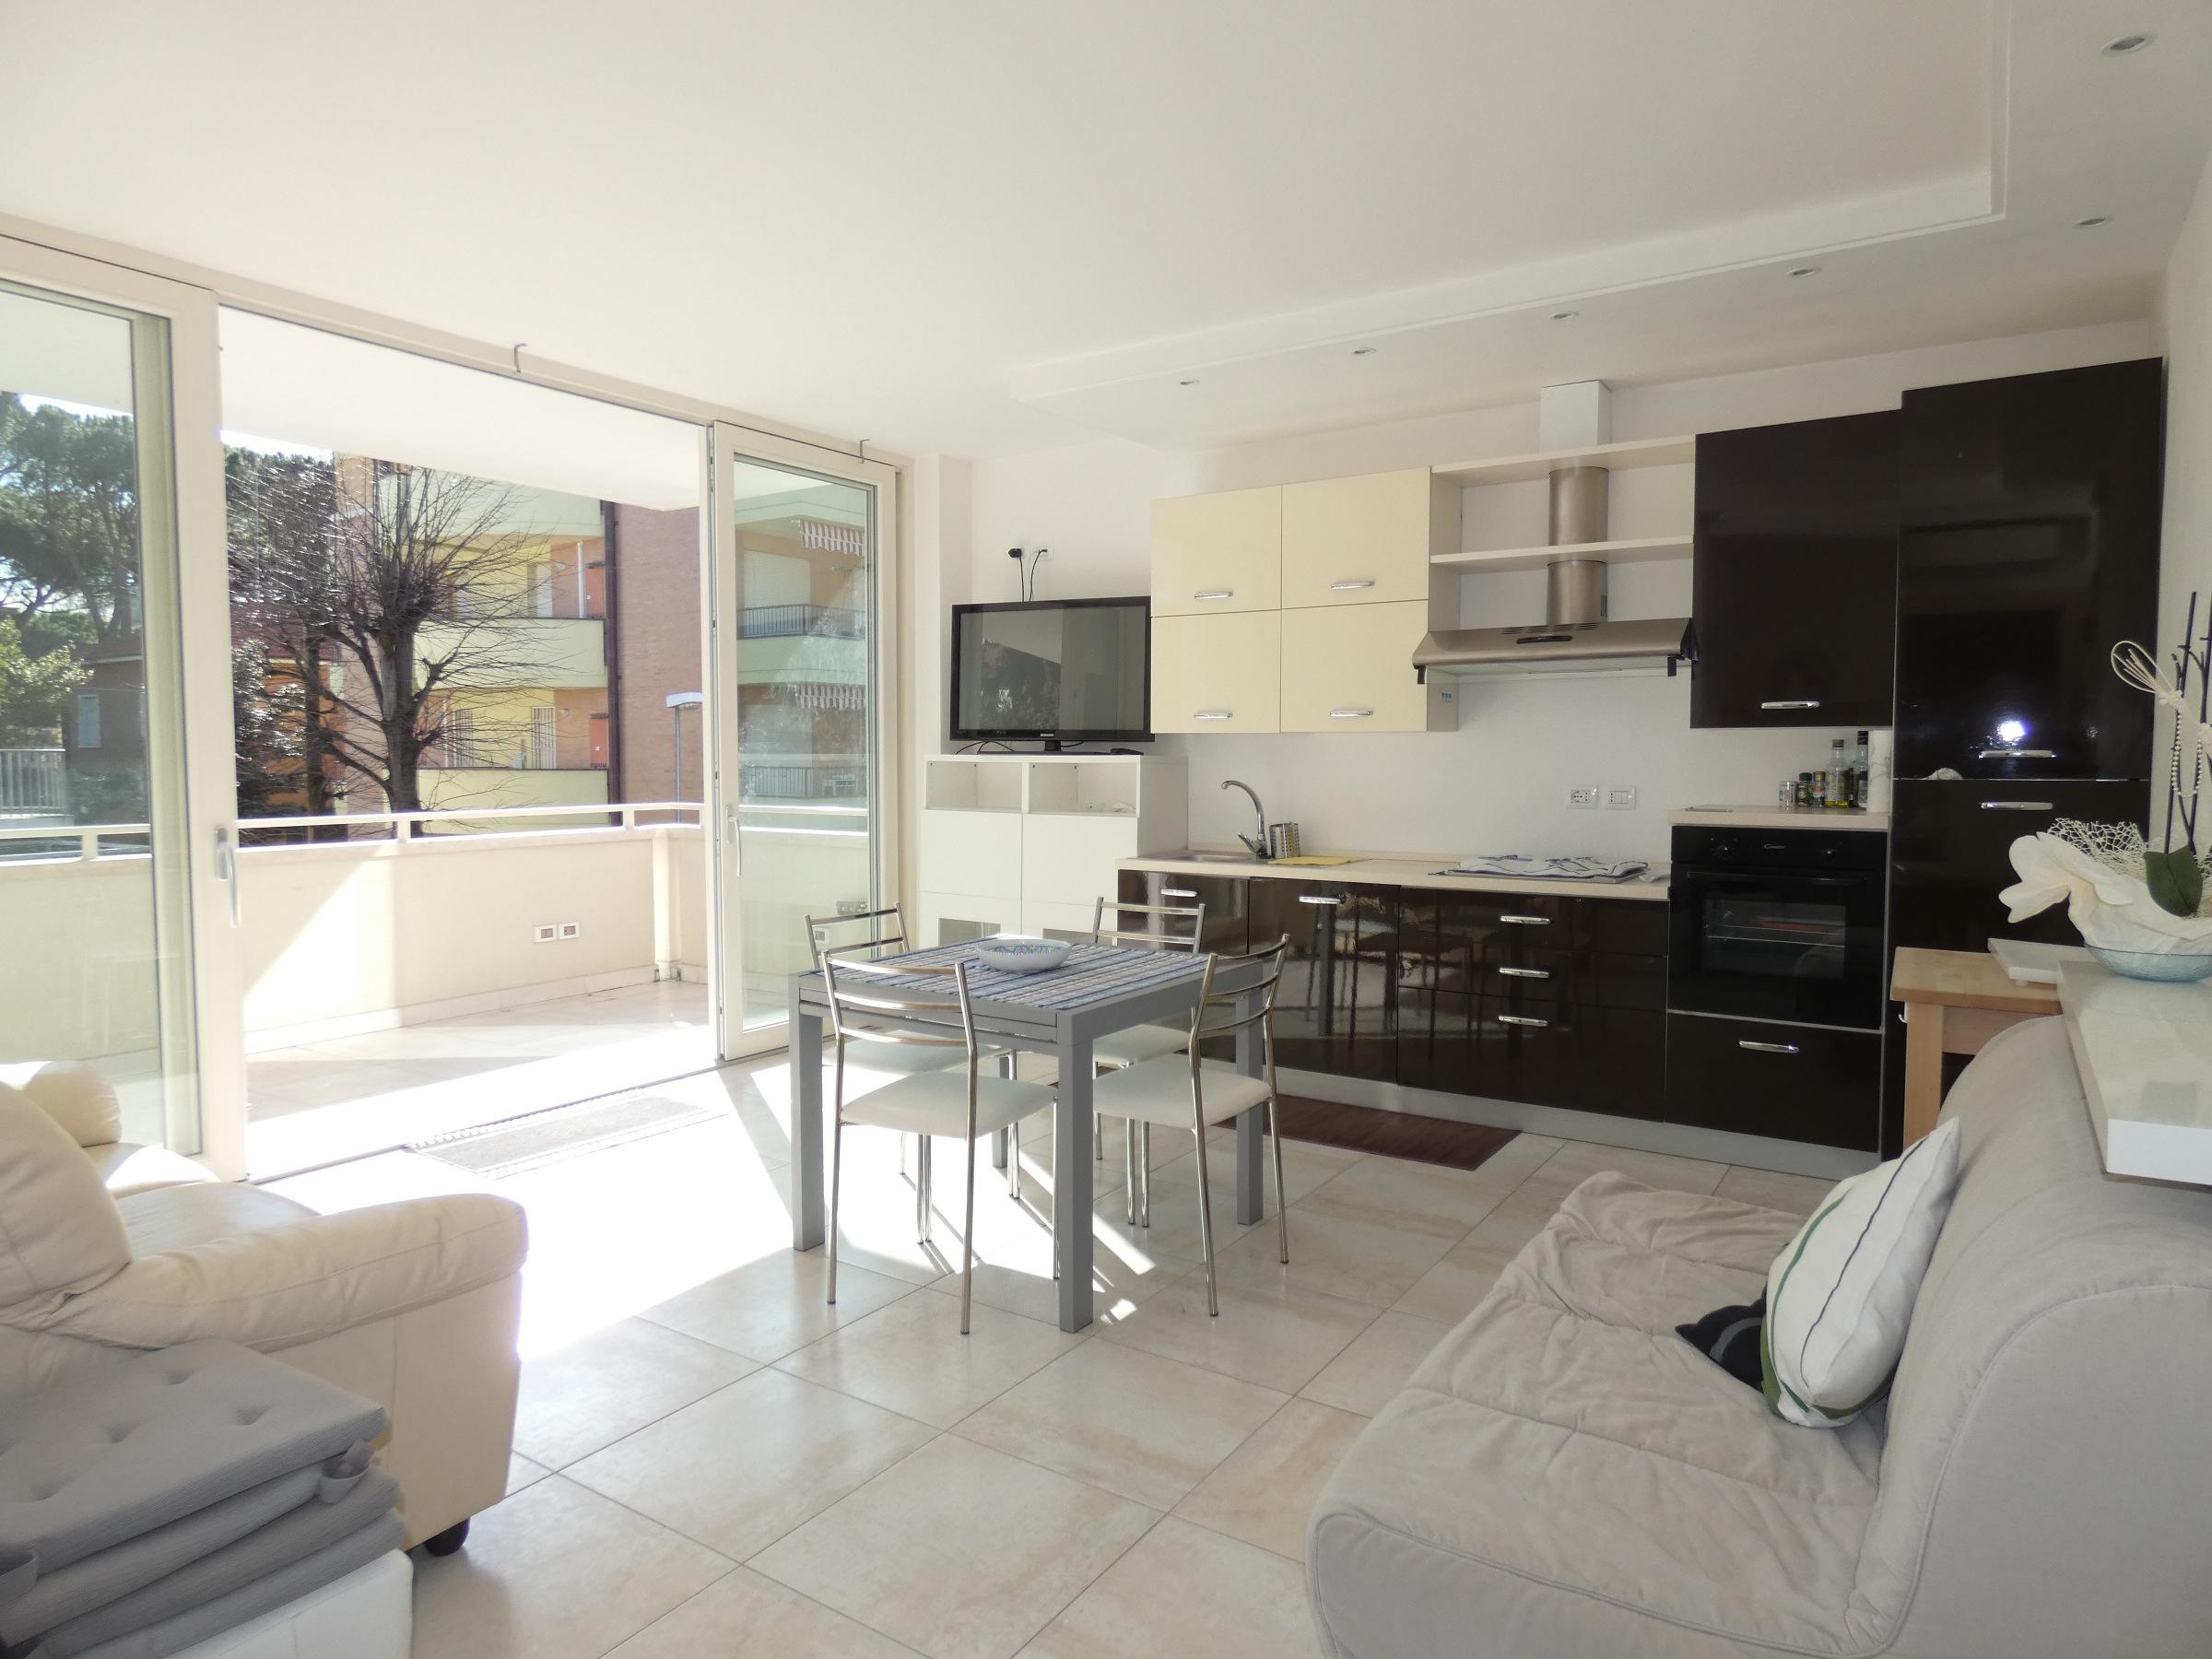 RICCIONE  ABISSINIA, Appartamento in vendita terrazzo abitabile